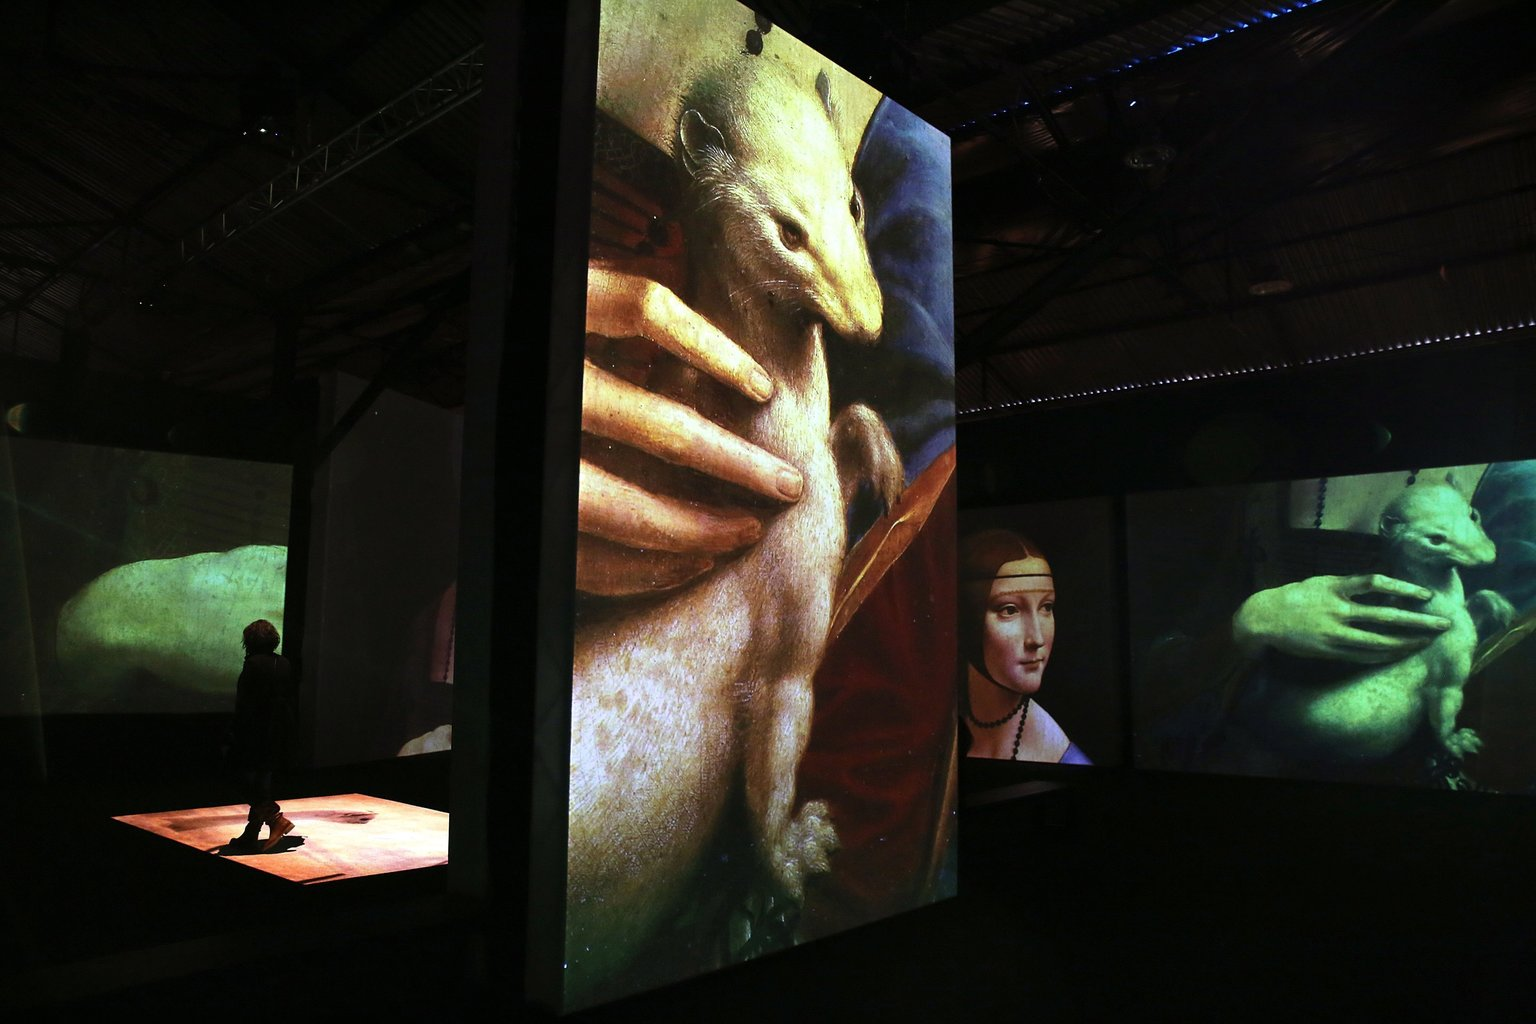 Athén, 2018. december 3. Látogató a Leonardo da Vinci halálának közelgő 500. évfordulója alkalmából nyílt Leonardo Da Vinci - 500 Years of Genius című kiállításon Athénban 2018. december 2-án. A nagyszabású digitális művészeti kiállításon videoprojektoros vetítéssel, térbeli hangosítás mellett mutatják be a polihisztor Da Vinci életét, találmányait és művészeti alkotásait. A különleges élményt és látványt multimédiás eszközök biztosítják a tárlaton. MTI/EPA/ANA-MPA/Szimela Pancarci